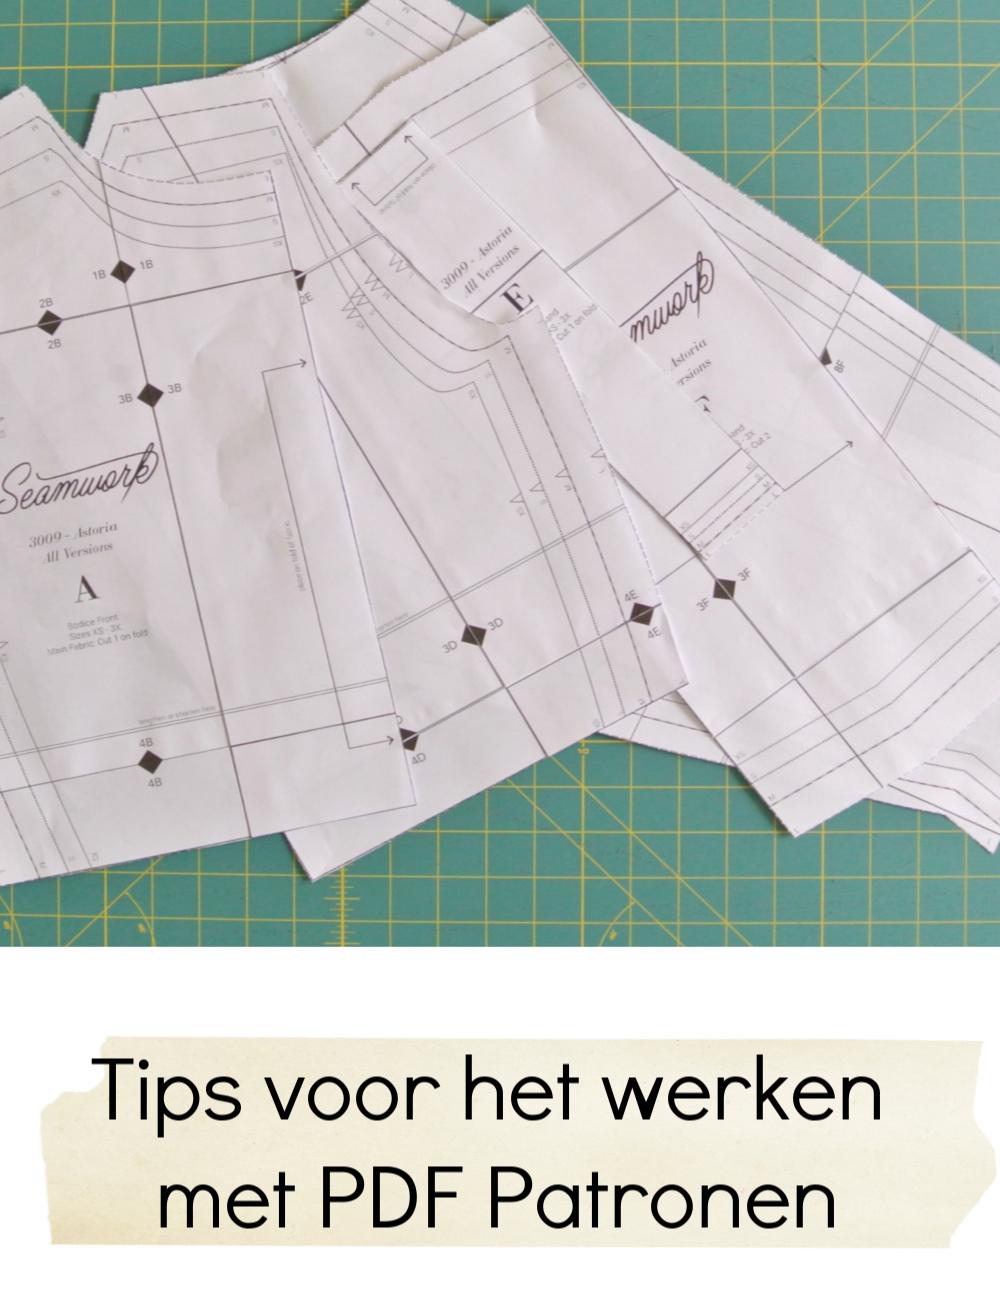 Tutorial tips voor werken met pdf patronen